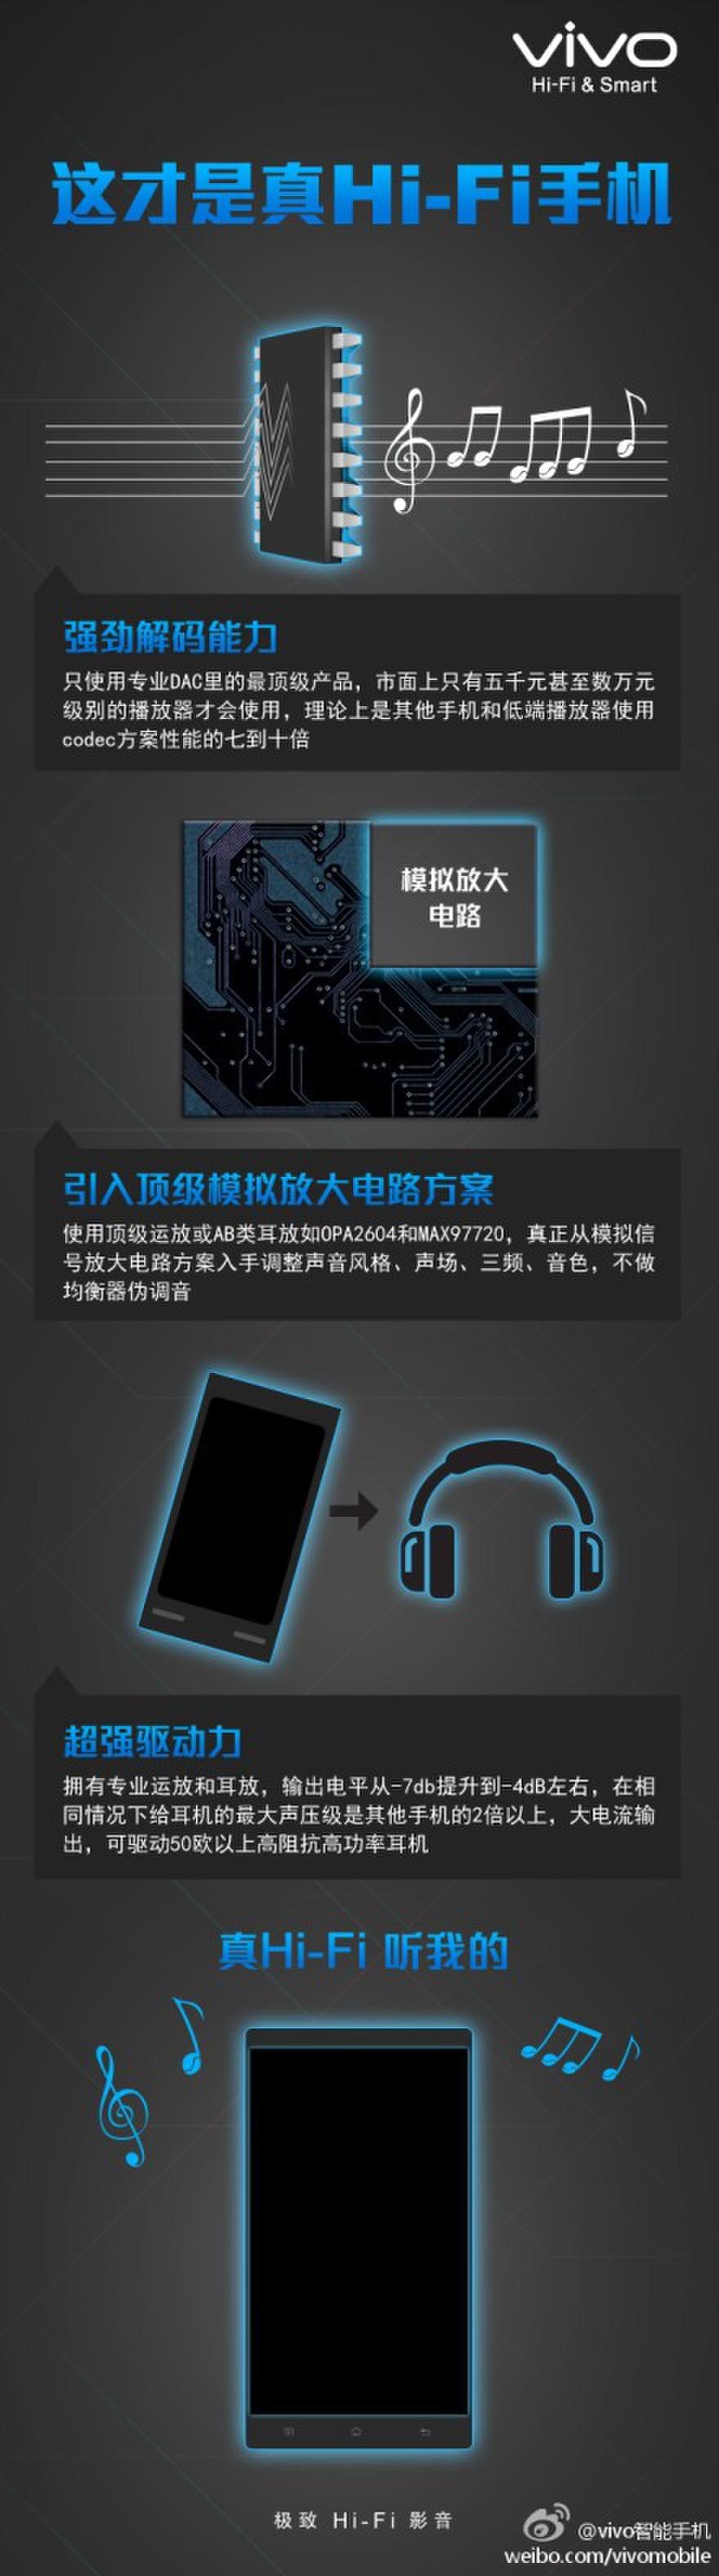 vivo Xplay3S继续坚持真Hi-Fi手机 拒绝误导消费者